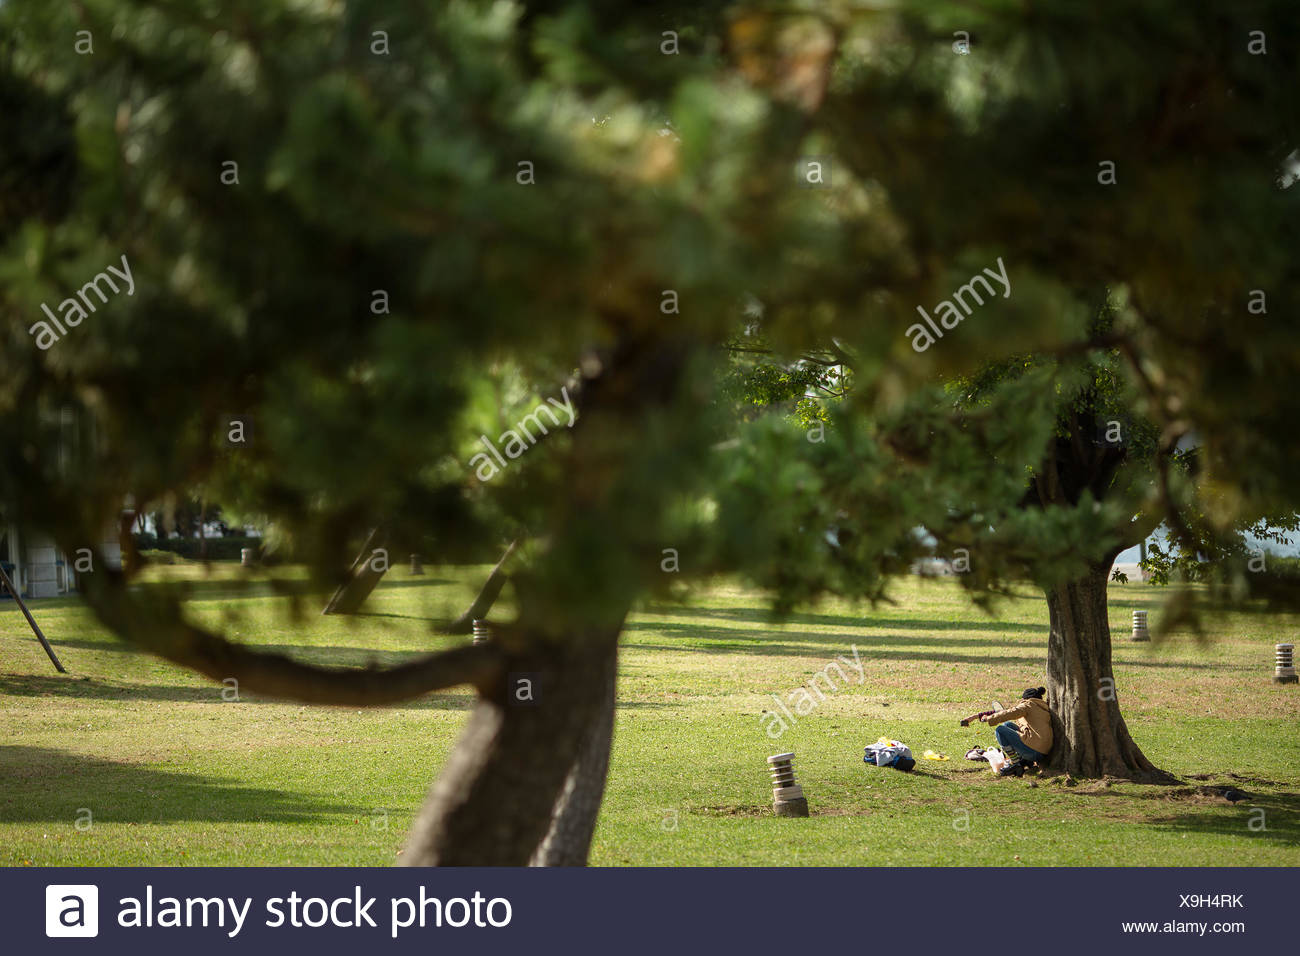 Japan, Kanagawa, Yokohama, Nishi ward, Picnic in park - Stock Image